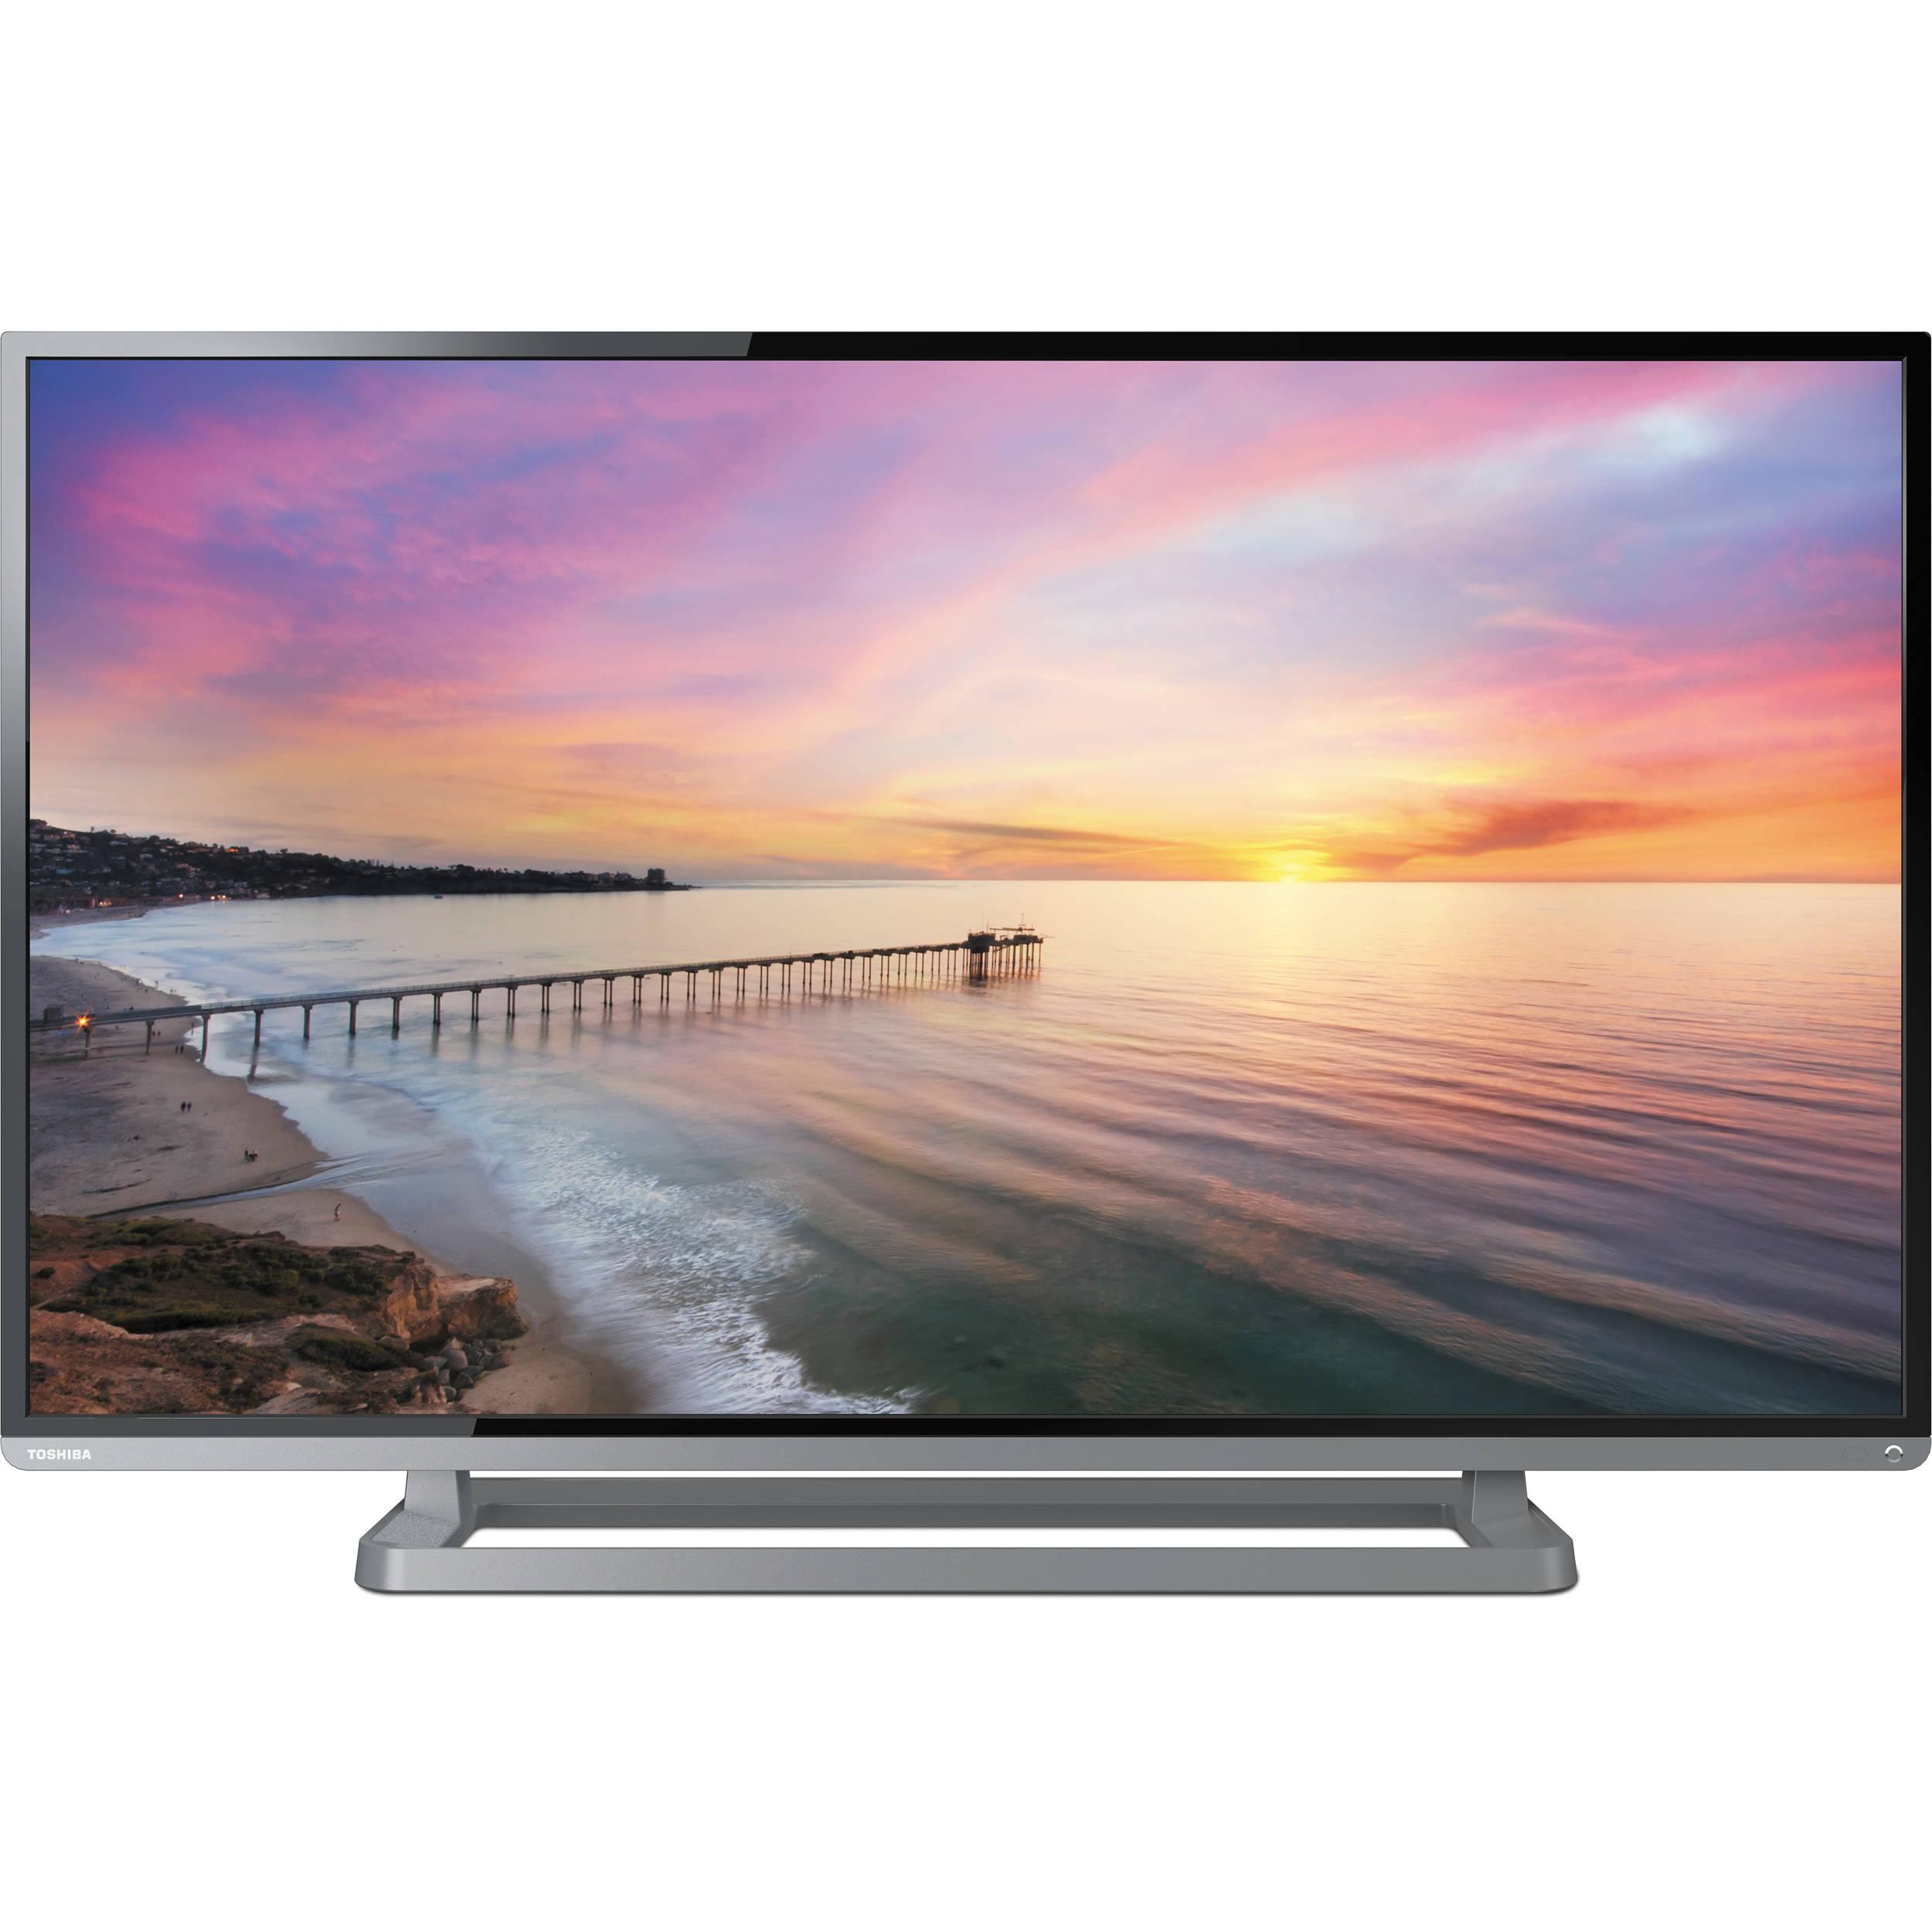 Toshiba 40l3400u 40 Quot Class 1080p Smart Led Tv 40l3400u B Amp H